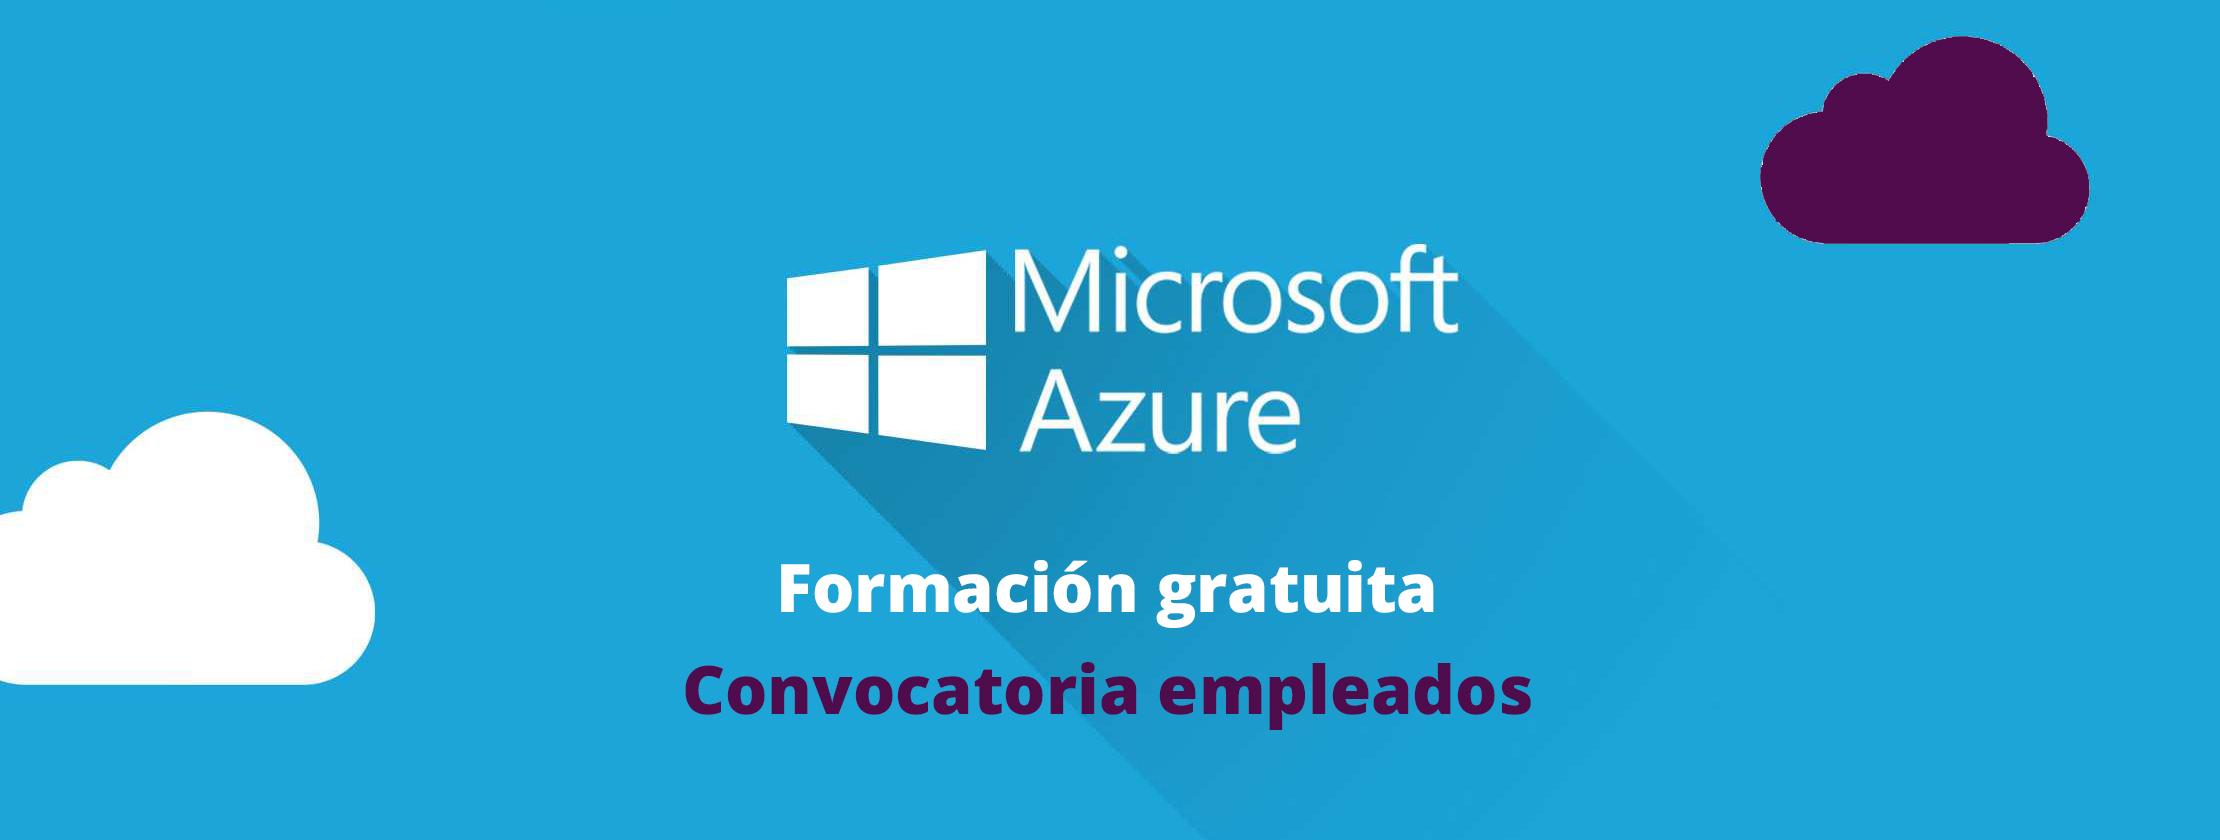 Microsoft Azure curso gratuito